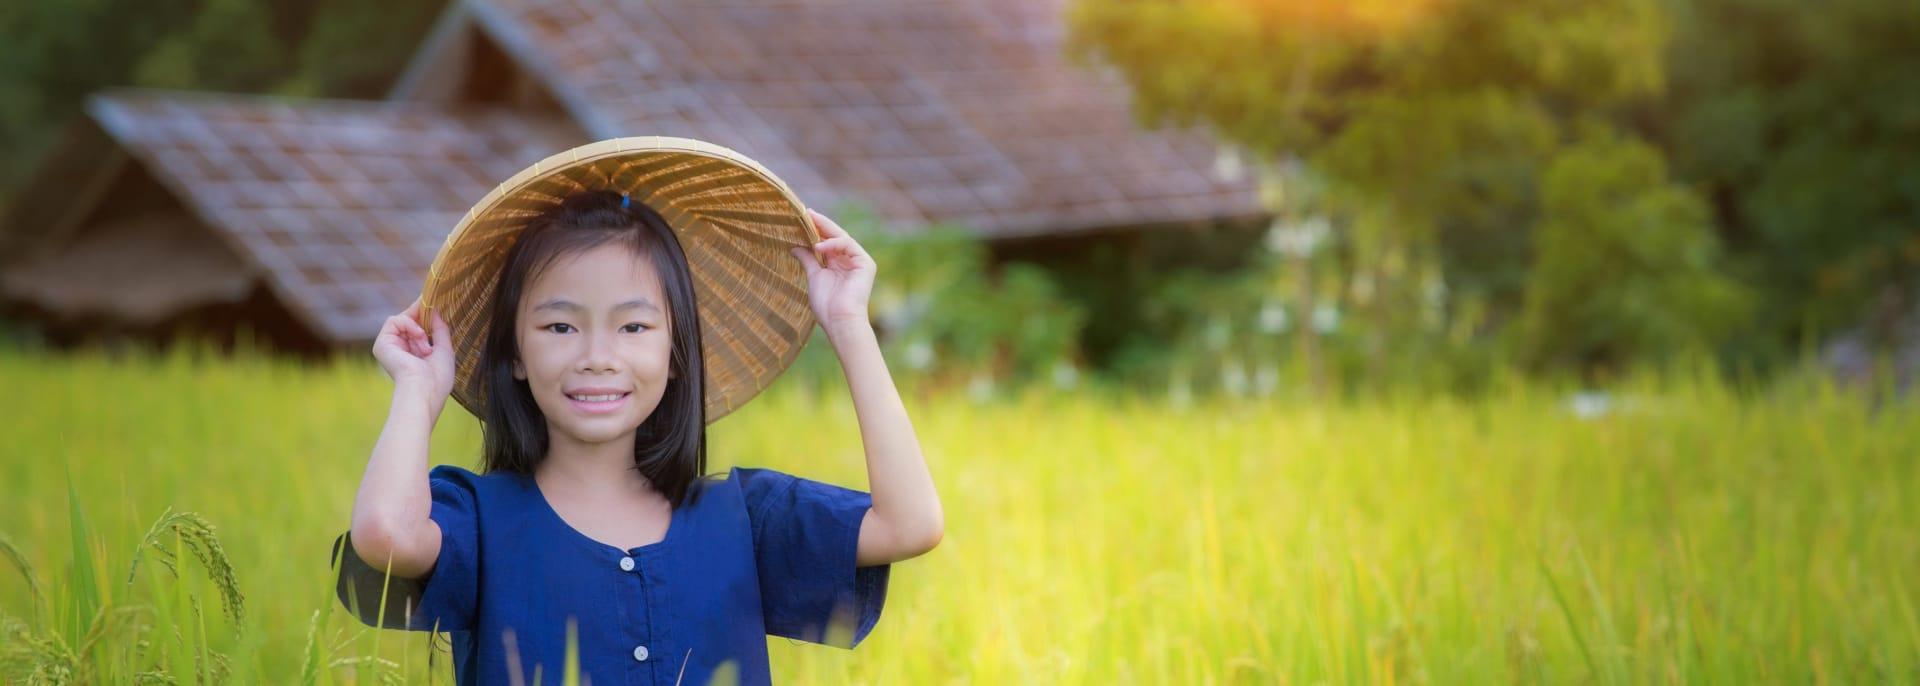 Mädchen auf der Terrasse Reisefarm mit ländlichem Hintergrund